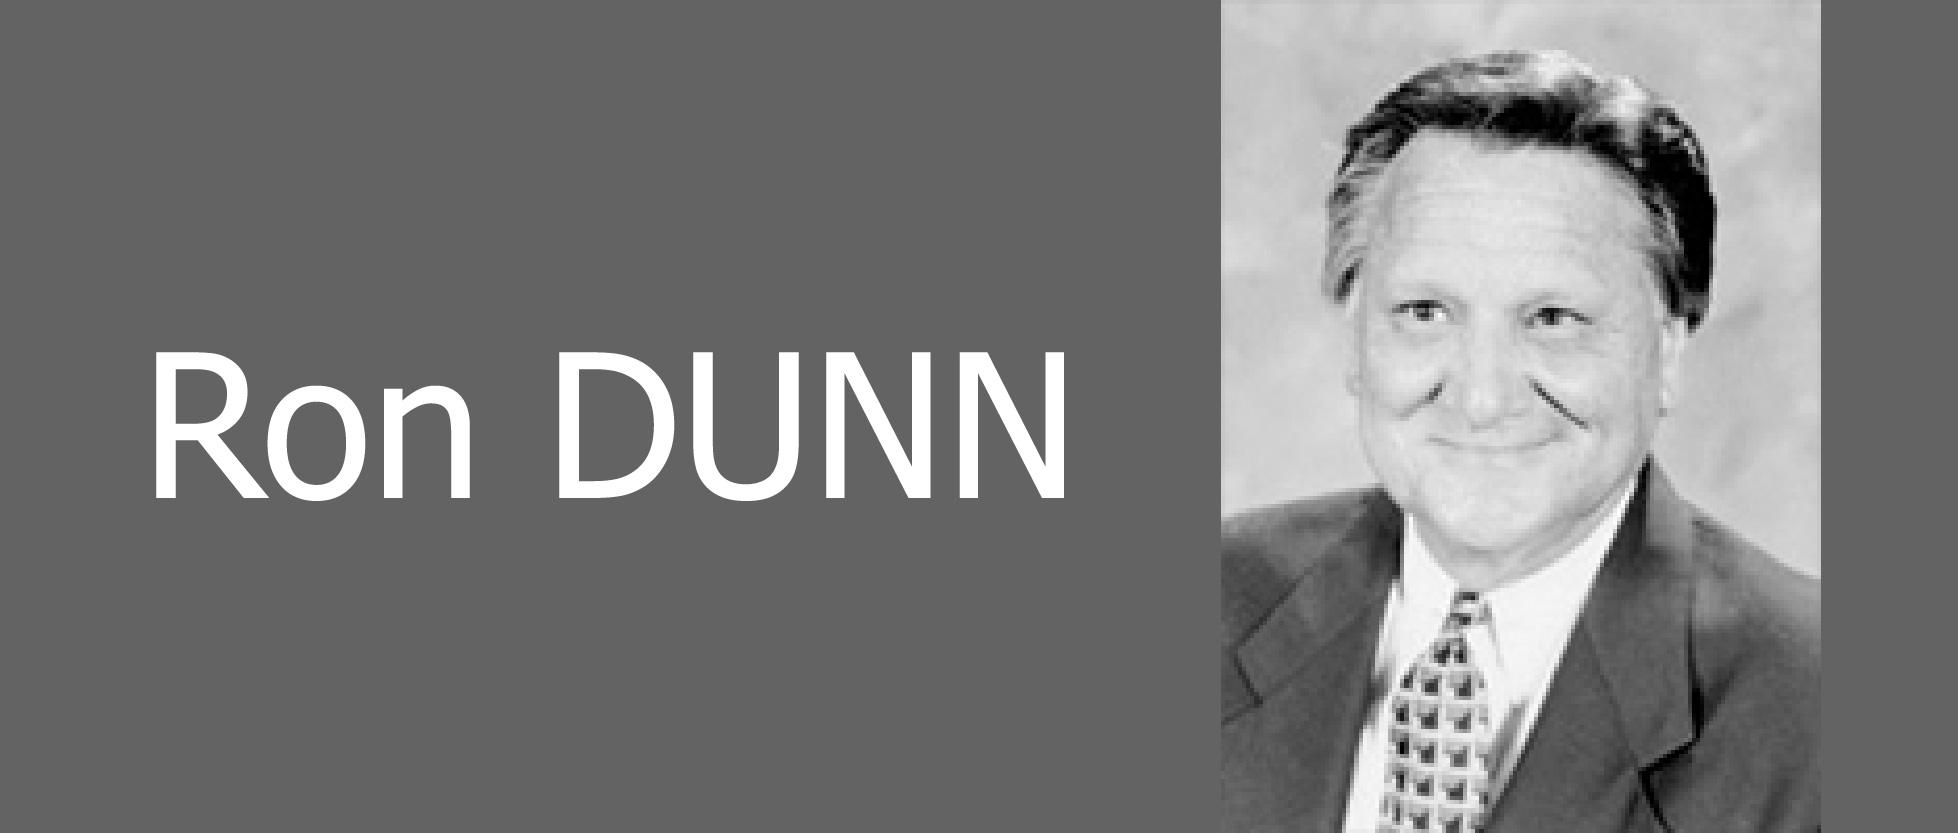 John Paul Hundley